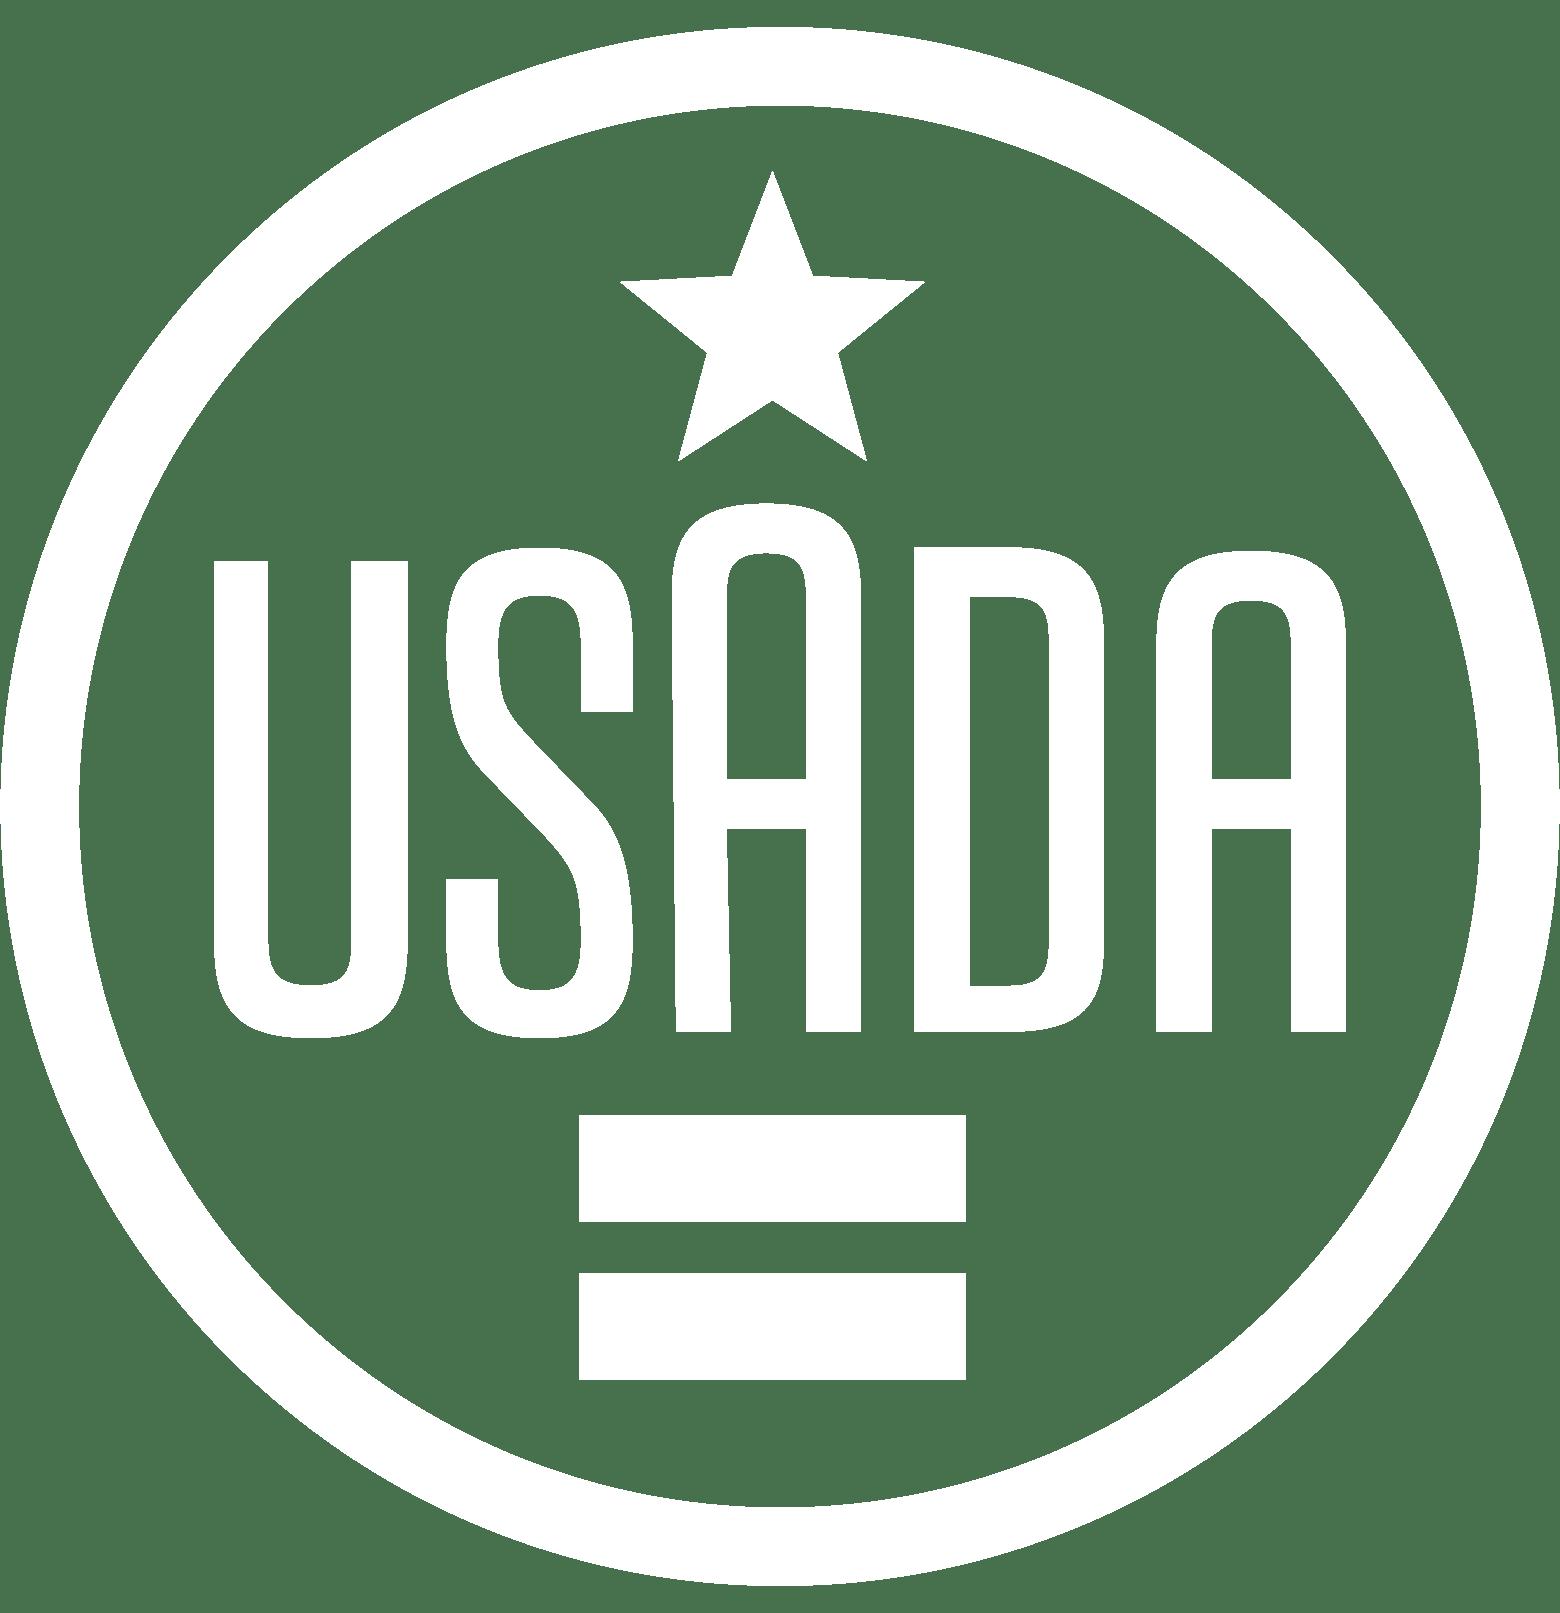 USADA logo in white.